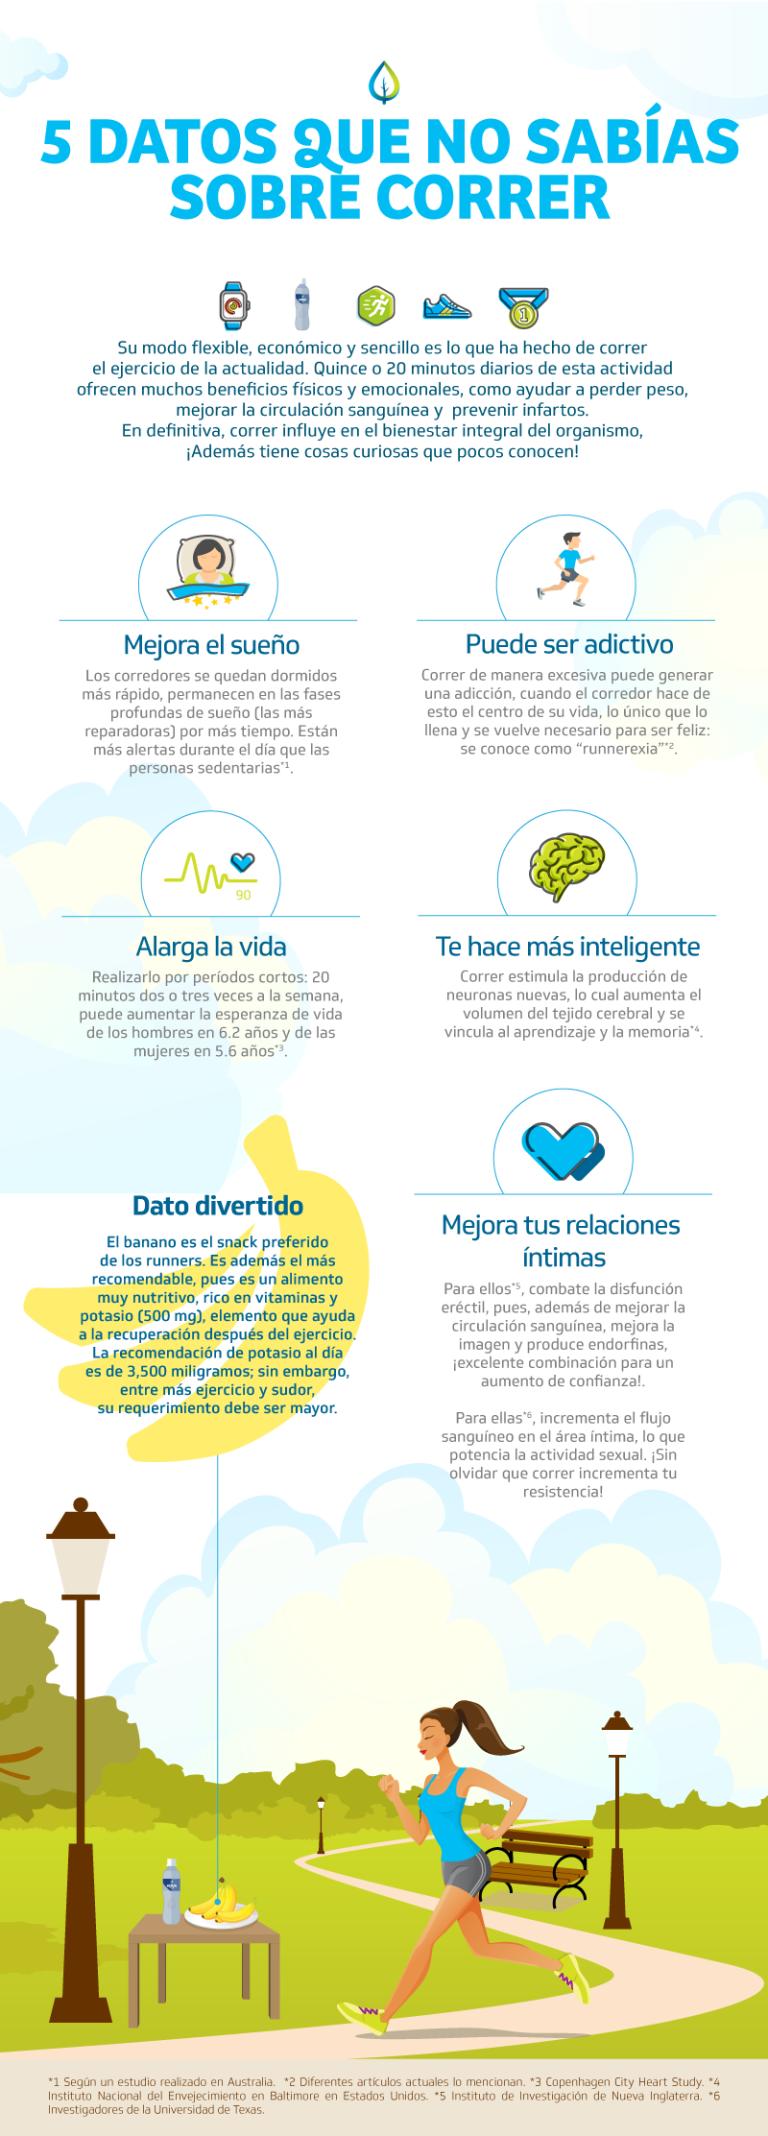 infografia-correr1 (2) (2)